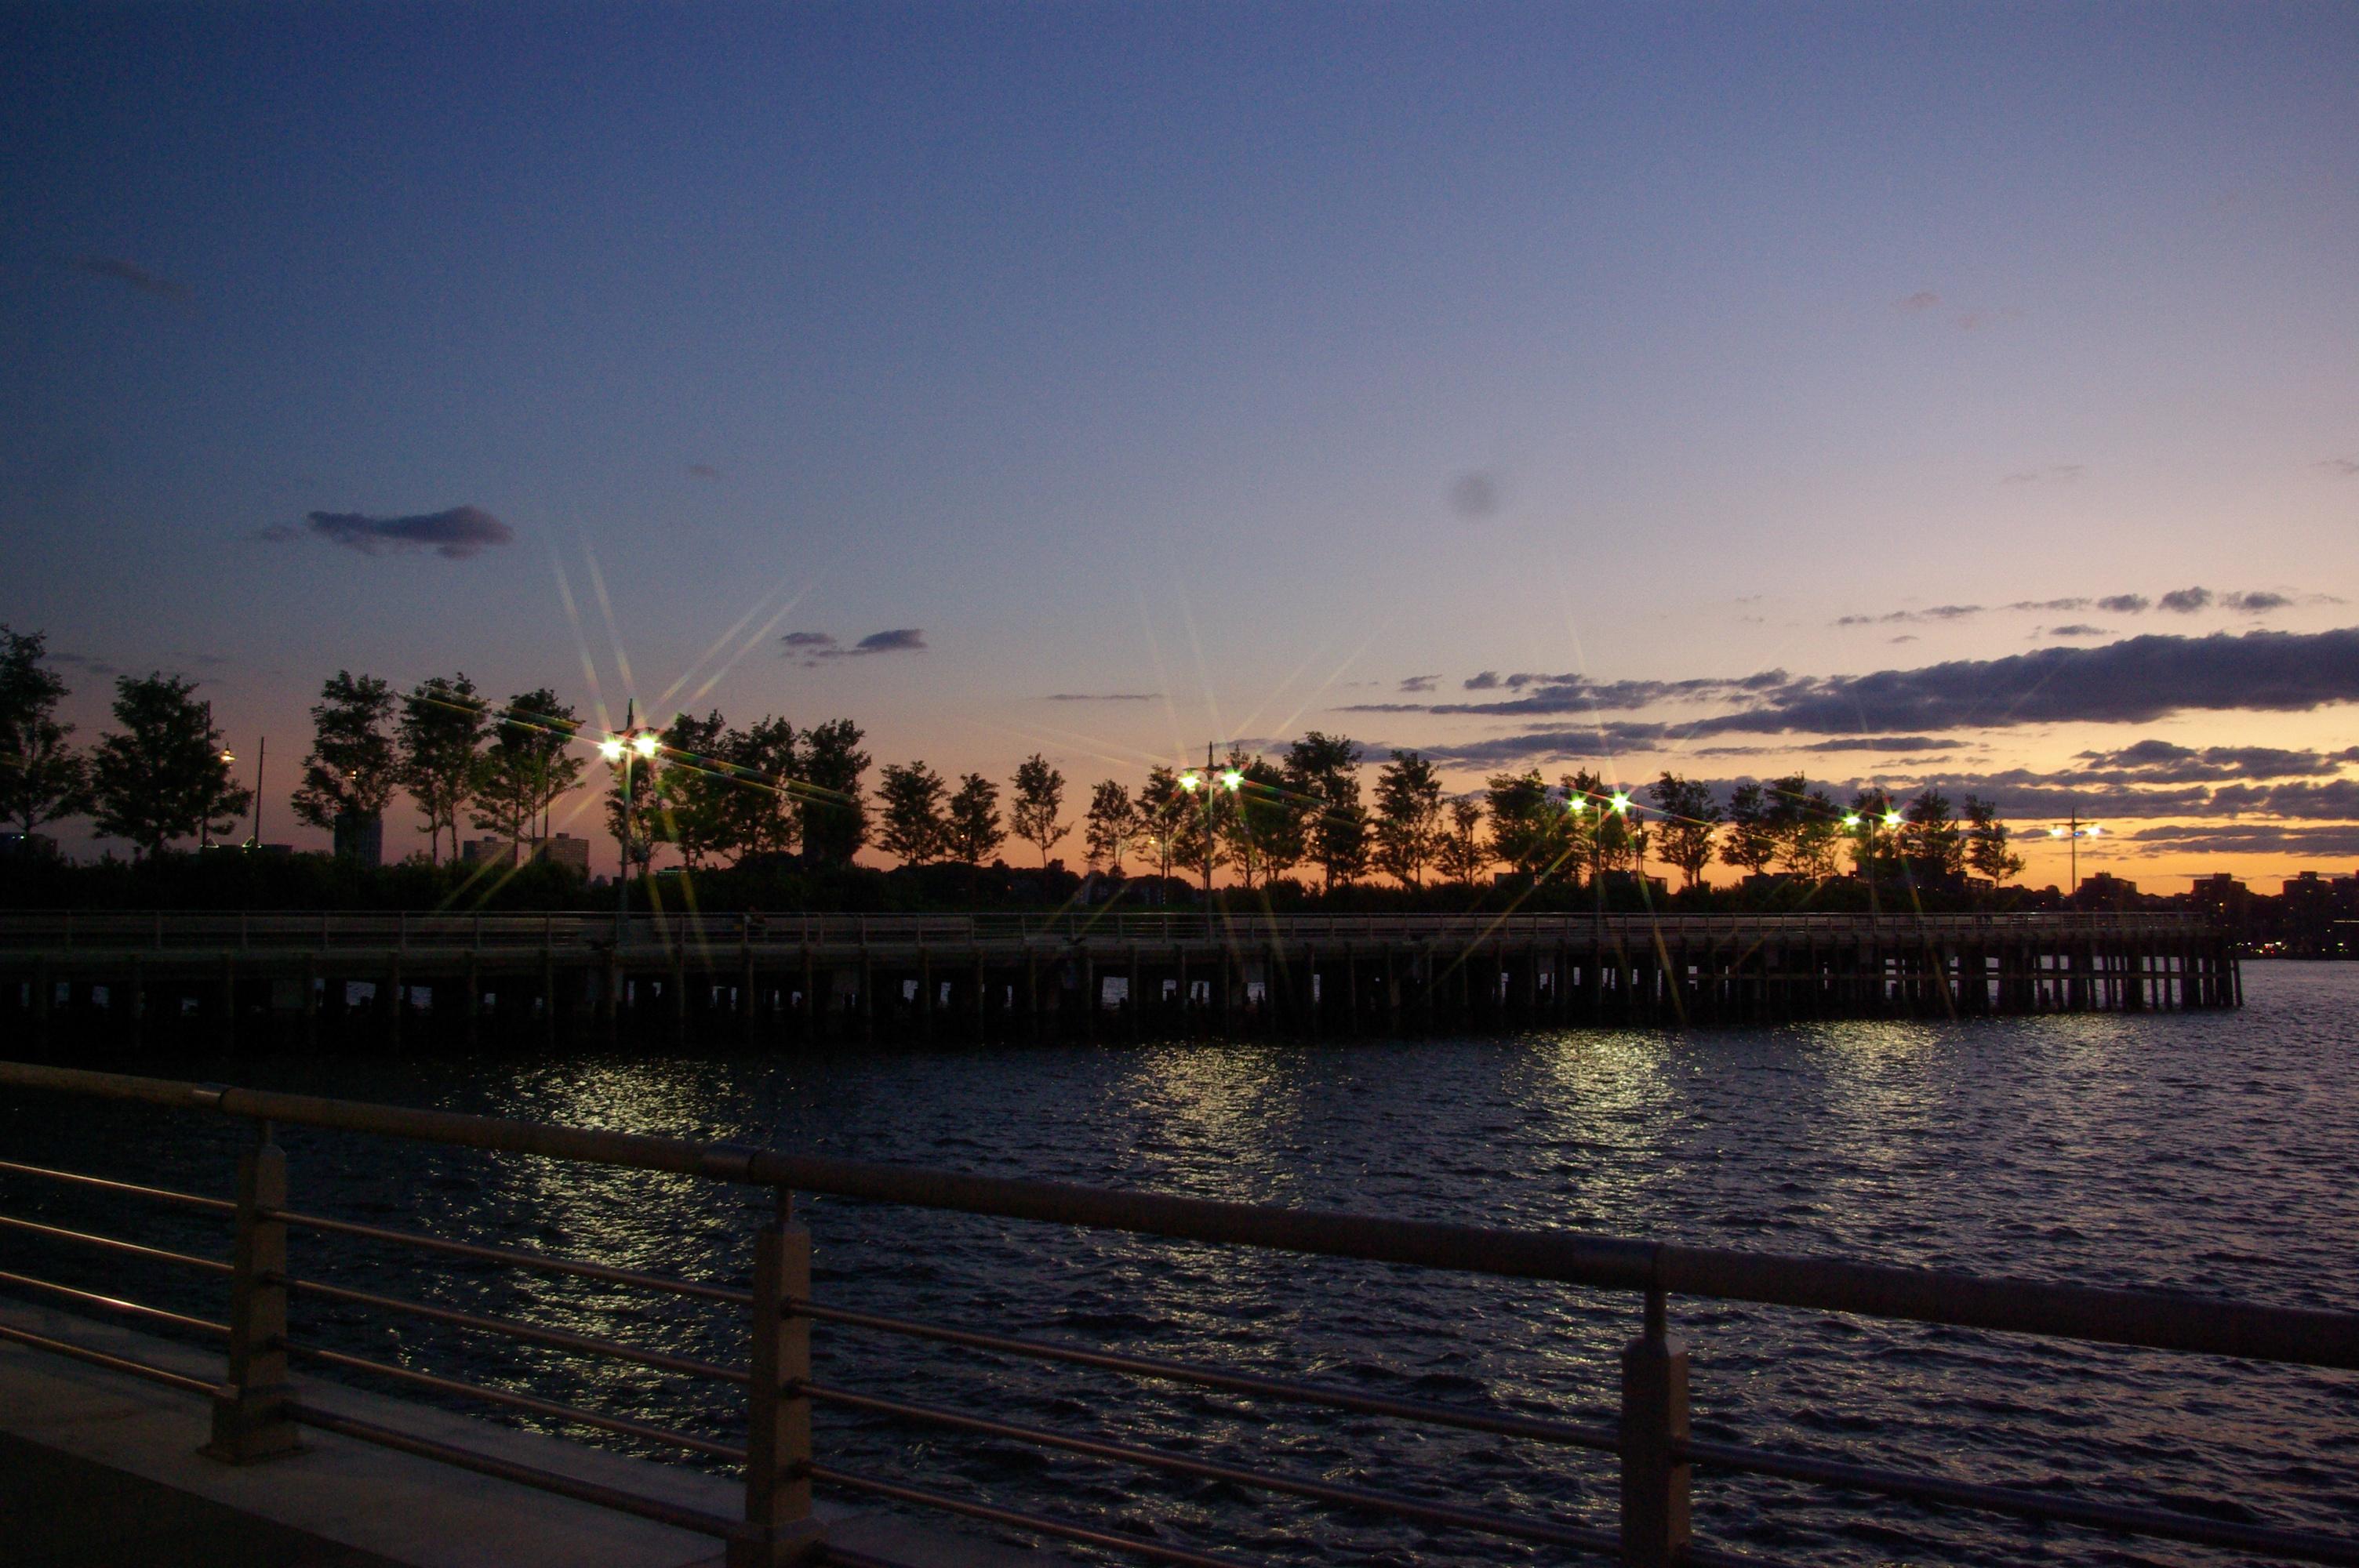 A Chealsea Pier, Manhattan, NY